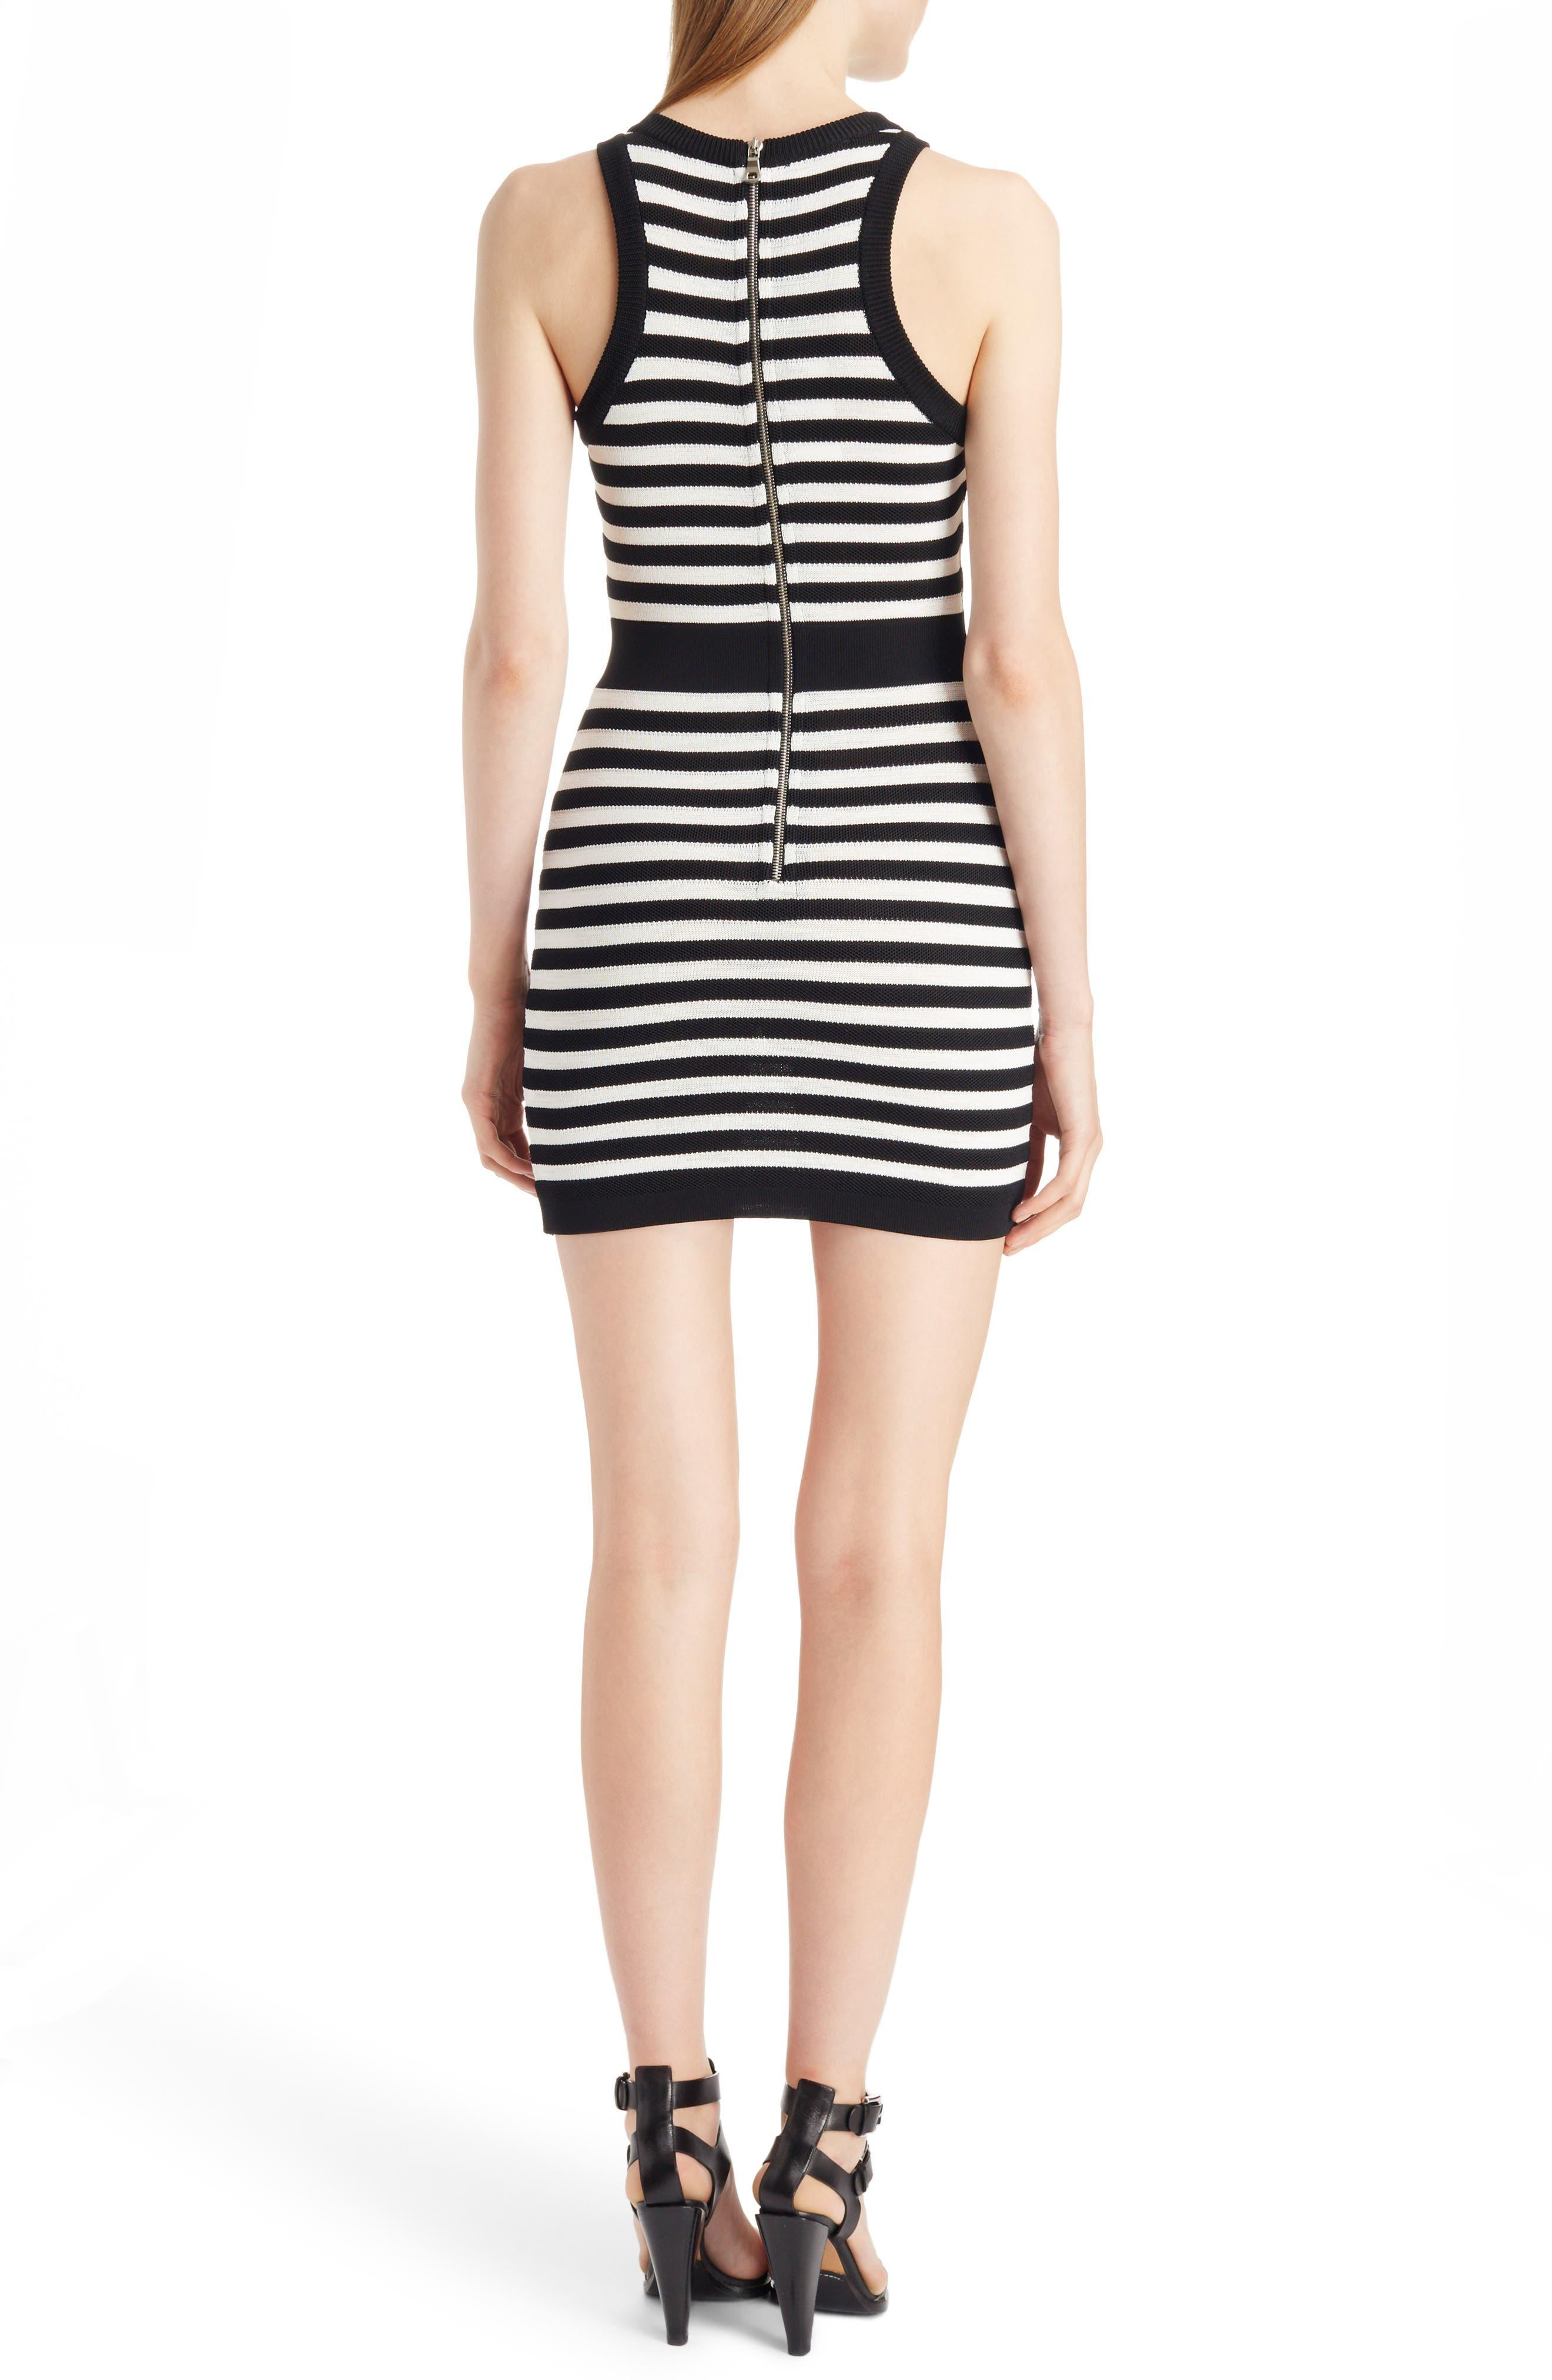 BALMAIN Striped Stretch-Knit Mini Dress, Black/White ...